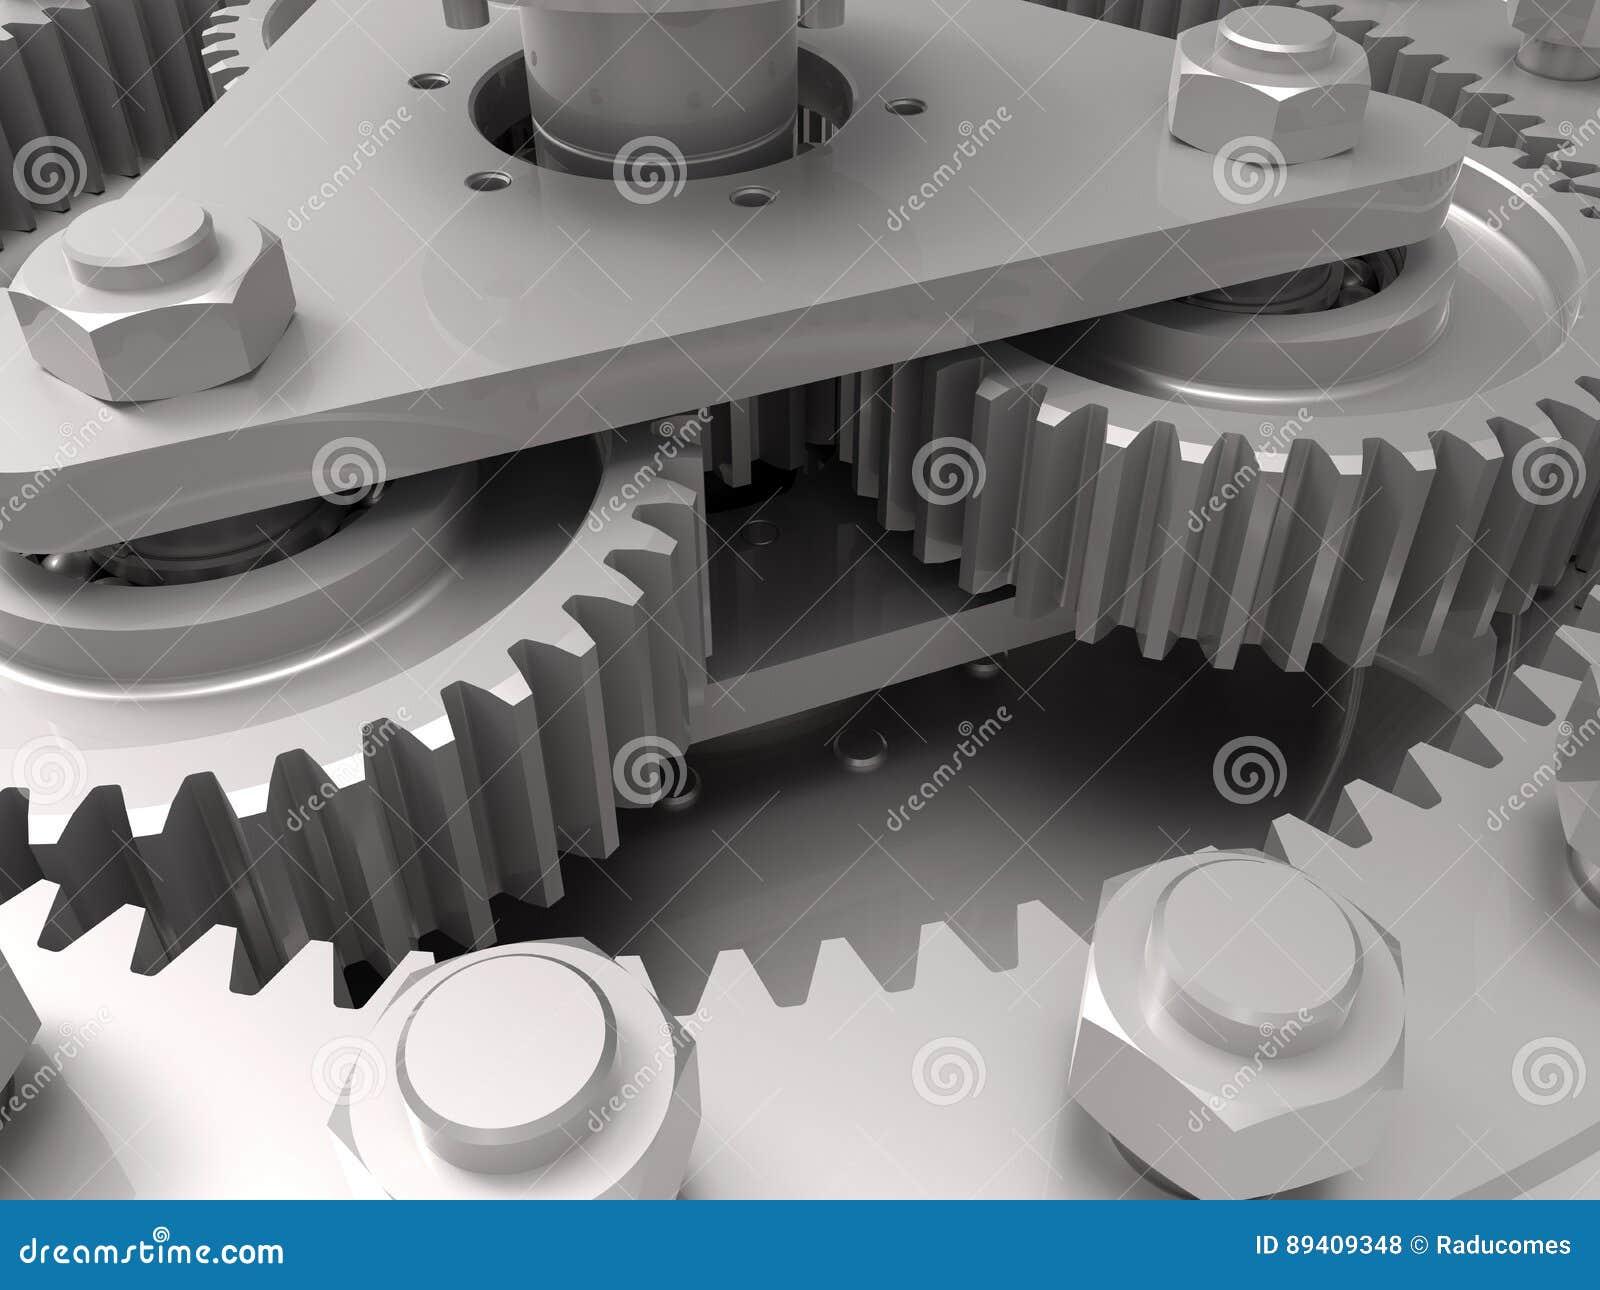 Engrenagens - conceito da engenharia mecânica